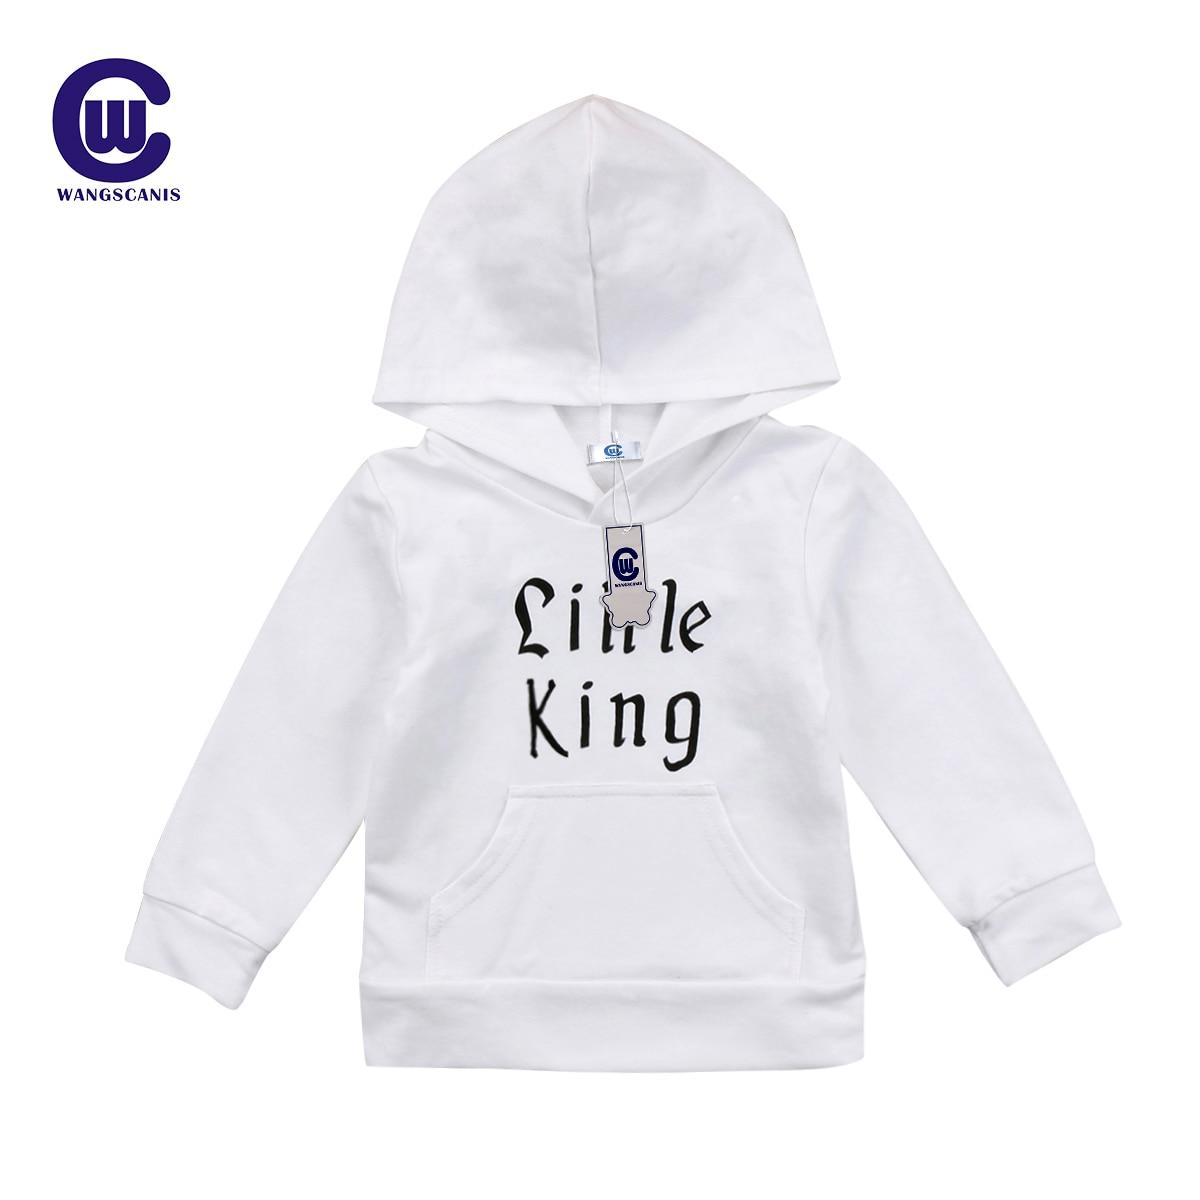 2017 Neue Brief Kids Baby Jungen Sweatshirt Langarm Mit Kapuze Mantel Oberbekleidung Winter Kind Jungen Kleidung